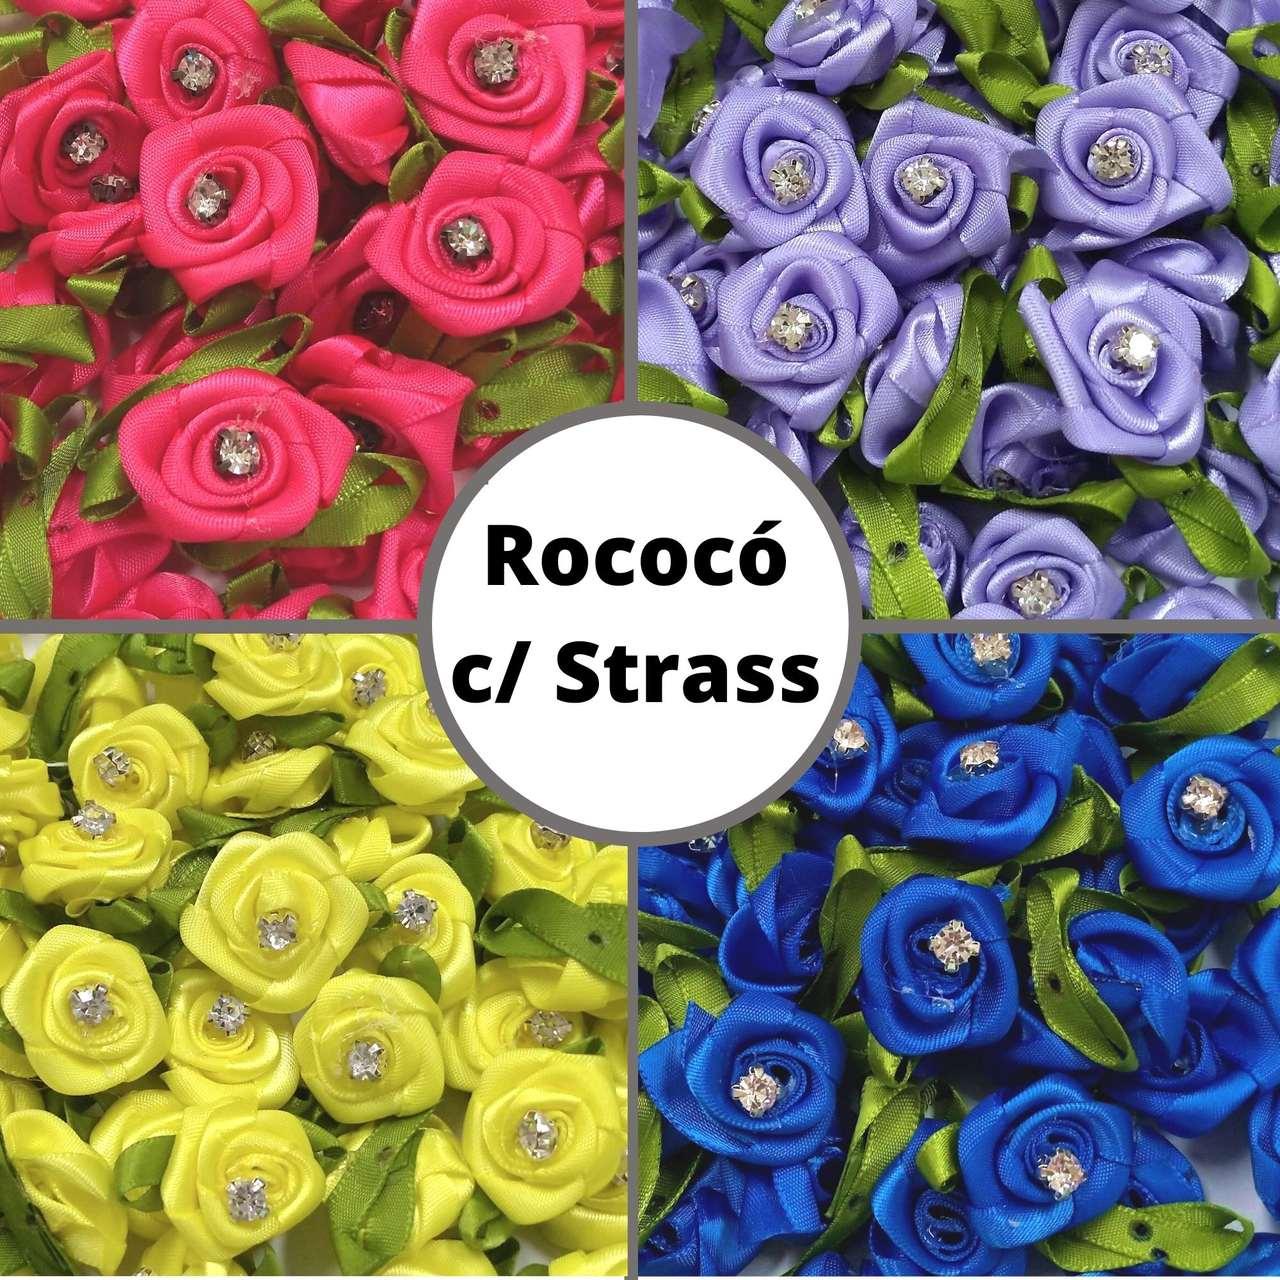 Rococó 2,5cm Com Folha e Strass - Pacote c/ 100 peças